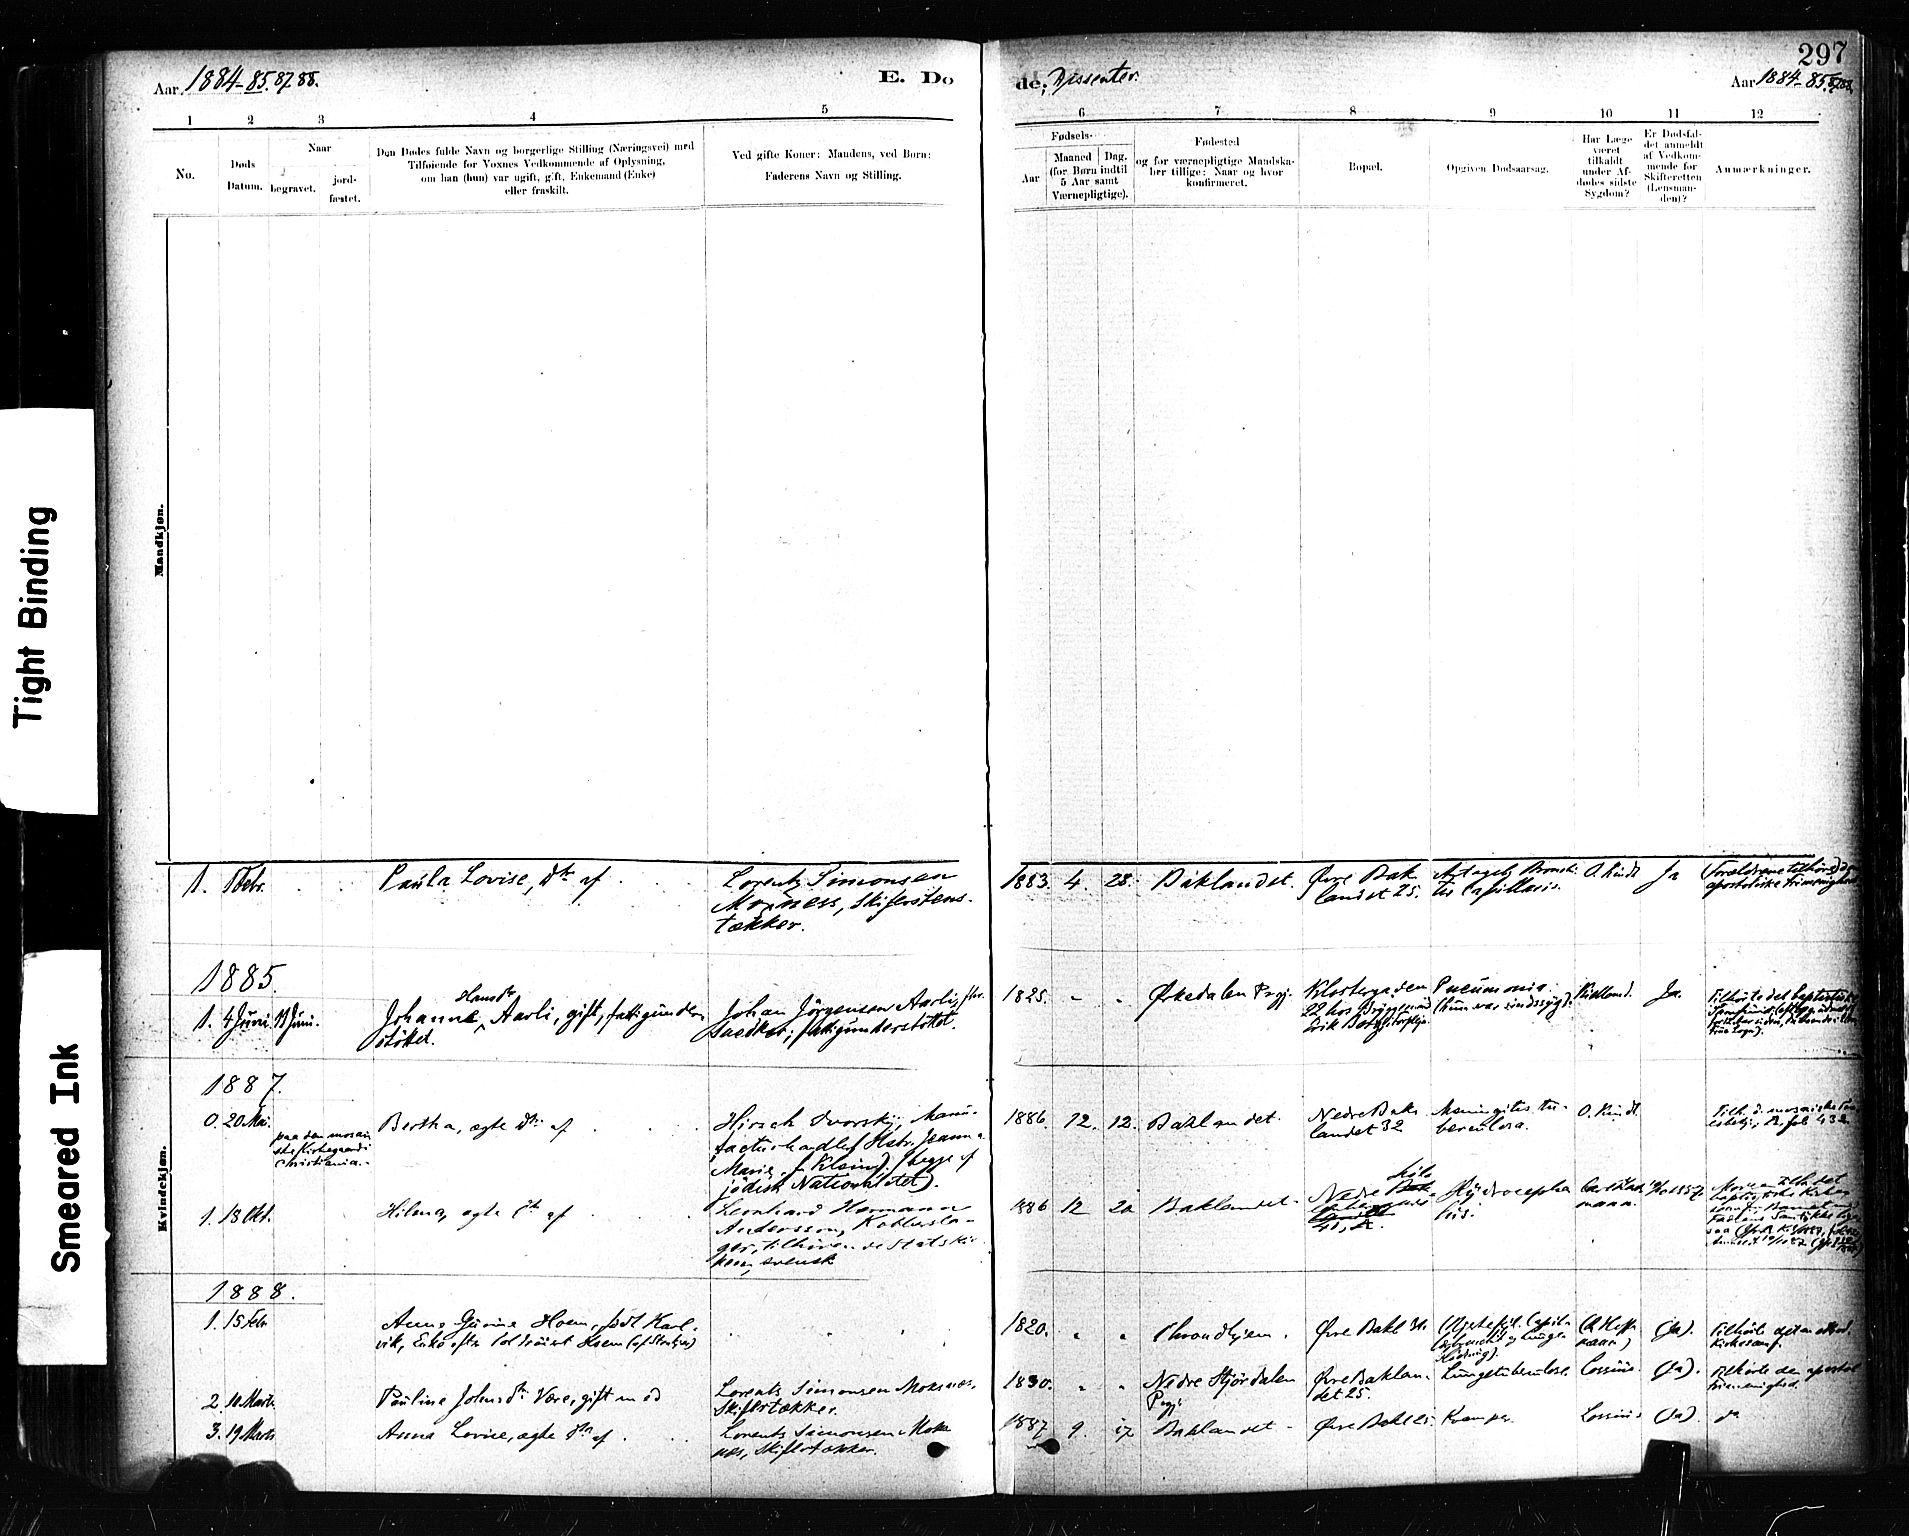 SAT, Ministerialprotokoller, klokkerbøker og fødselsregistre - Sør-Trøndelag, 604/L0189: Ministerialbok nr. 604A10, 1878-1892, s. 297